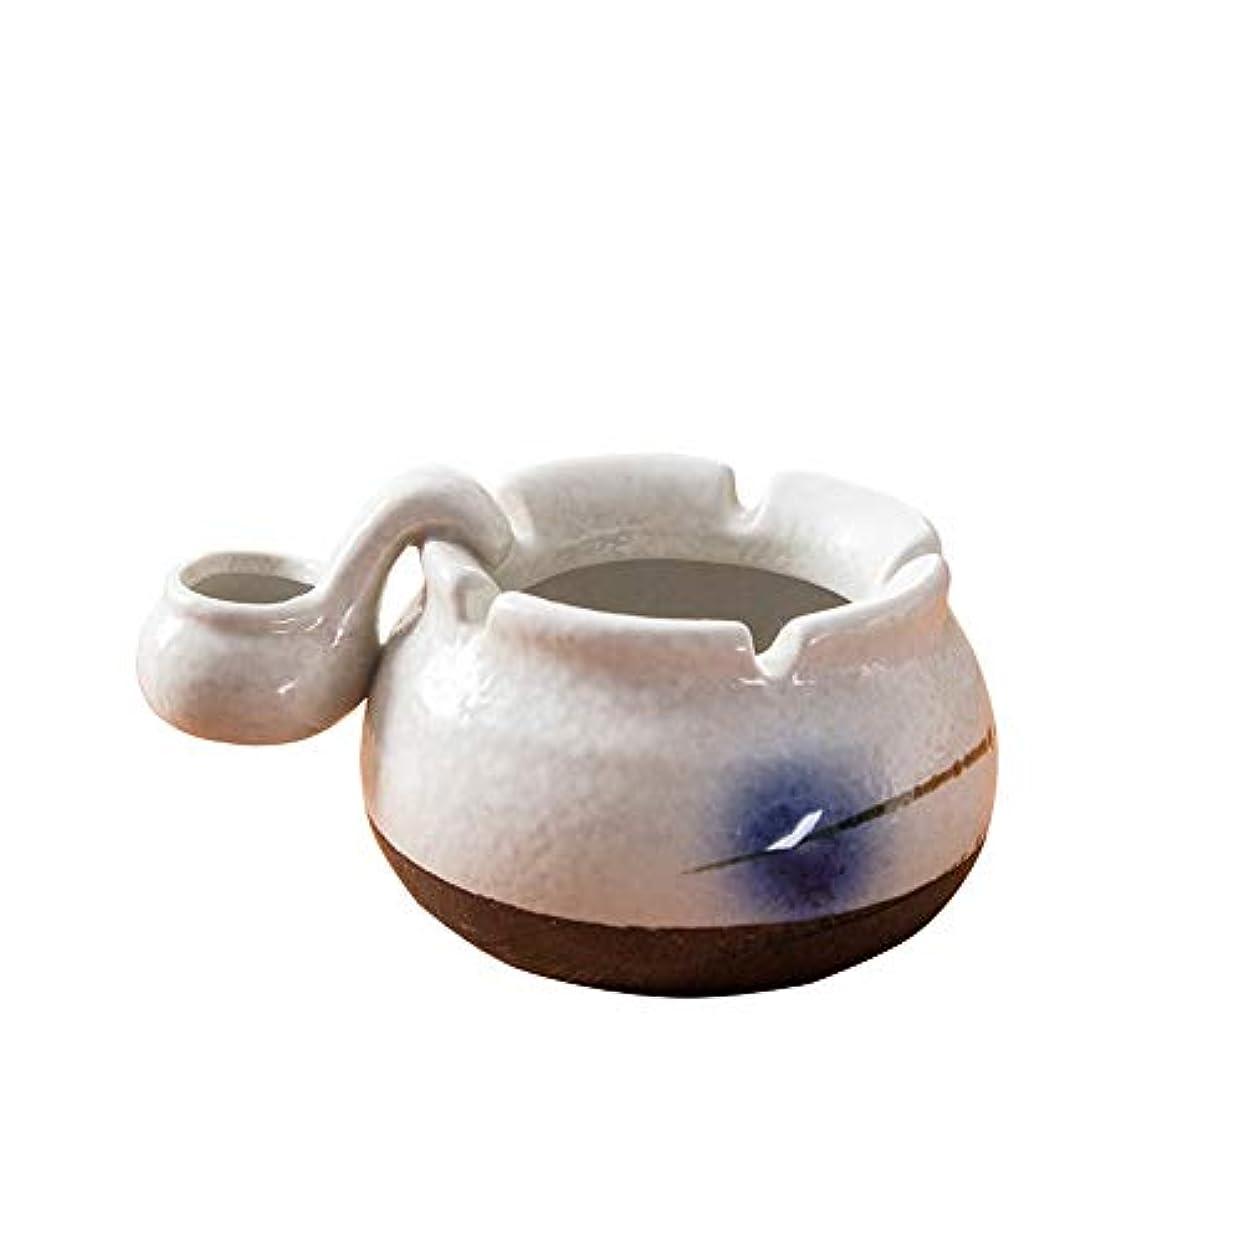 つらいユーモラス置換屋内または屋外での使用、喫煙者用の灰ホルダー、ホームオフィスの装飾用のデスクトップ喫煙灰皿